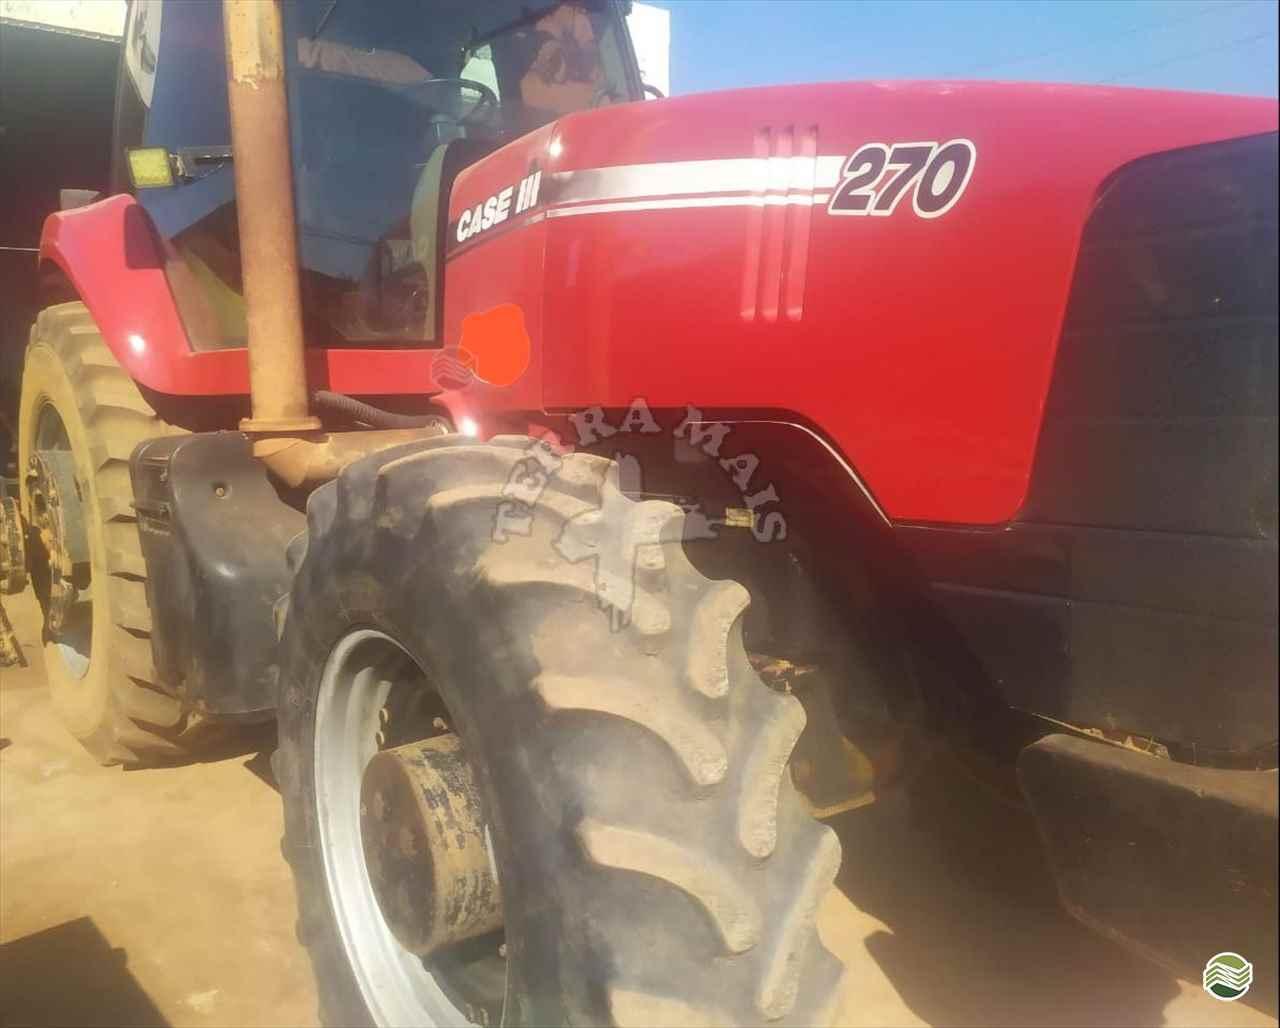 TRATOR CASE CASE MX 270 Tração 4x4 Terra Mais Implementos Agrícolas TOLEDO PARANÁ PR